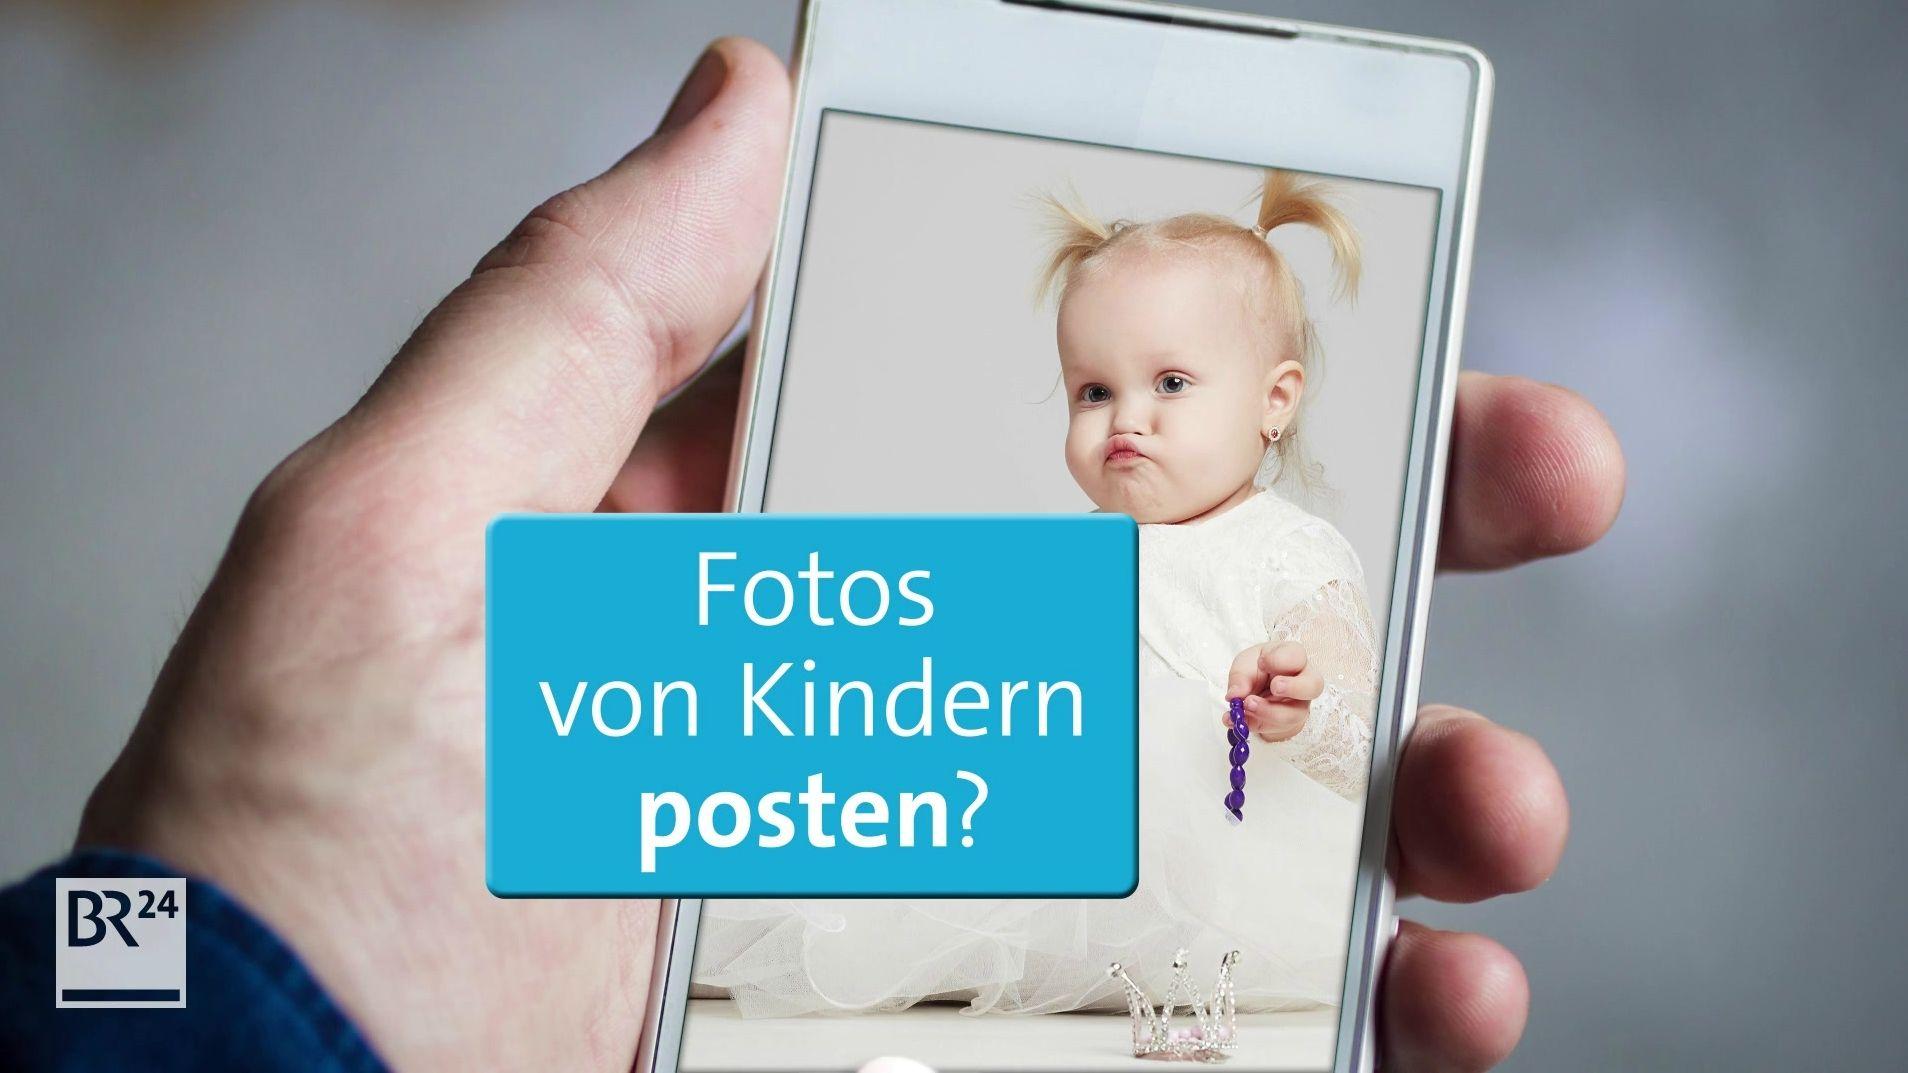 Welche Überlegungen solltet Ihr anstellen, bevor Ihr Kinderfotos in sozialen Medien teilt?